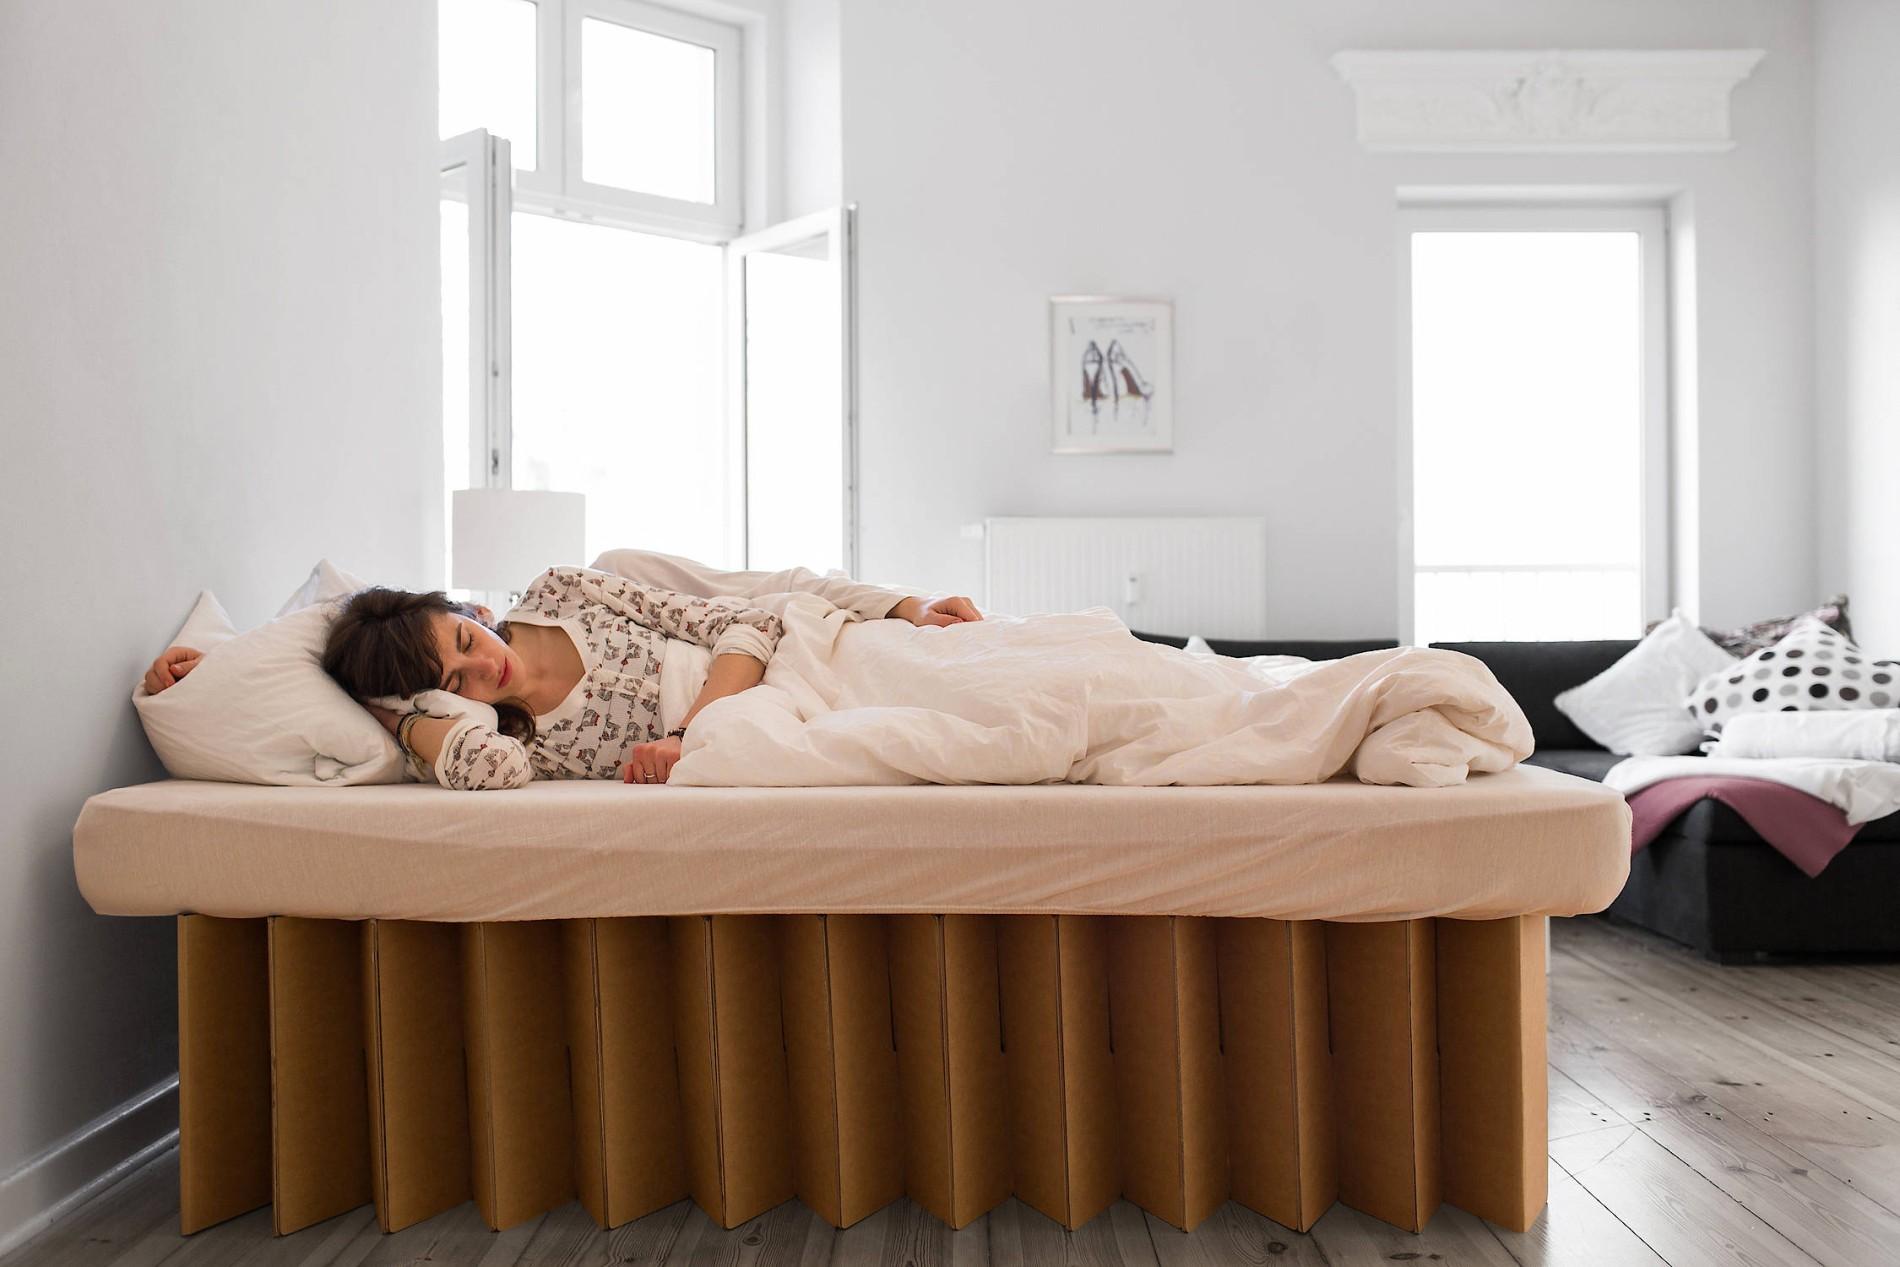 Full Size of Aus Pappe Liegen Trend Küche Kaufen Ikea Betten Bei Kosten 160x200 Sofa Schlaffunktion Wohnzimmer Pappbett Ikea